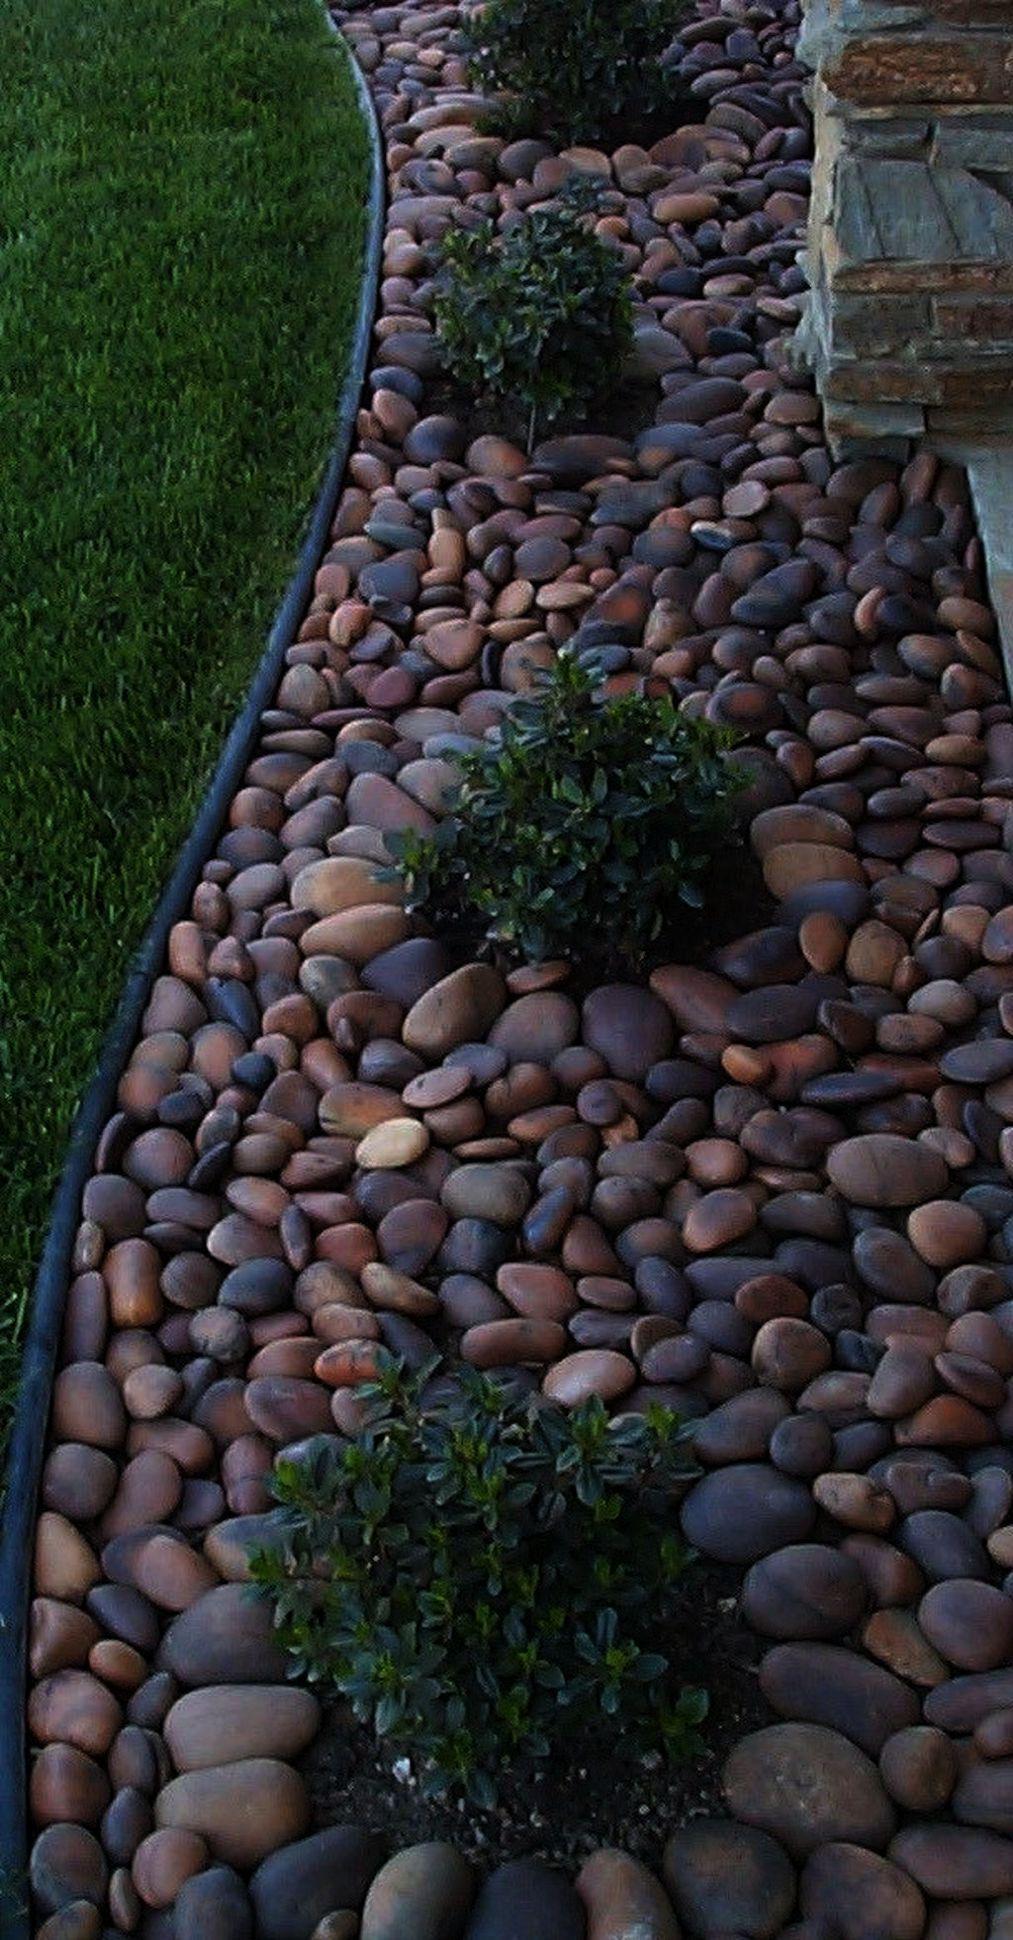 Landscape Gardening Online Planner a Landscape Gardening ...